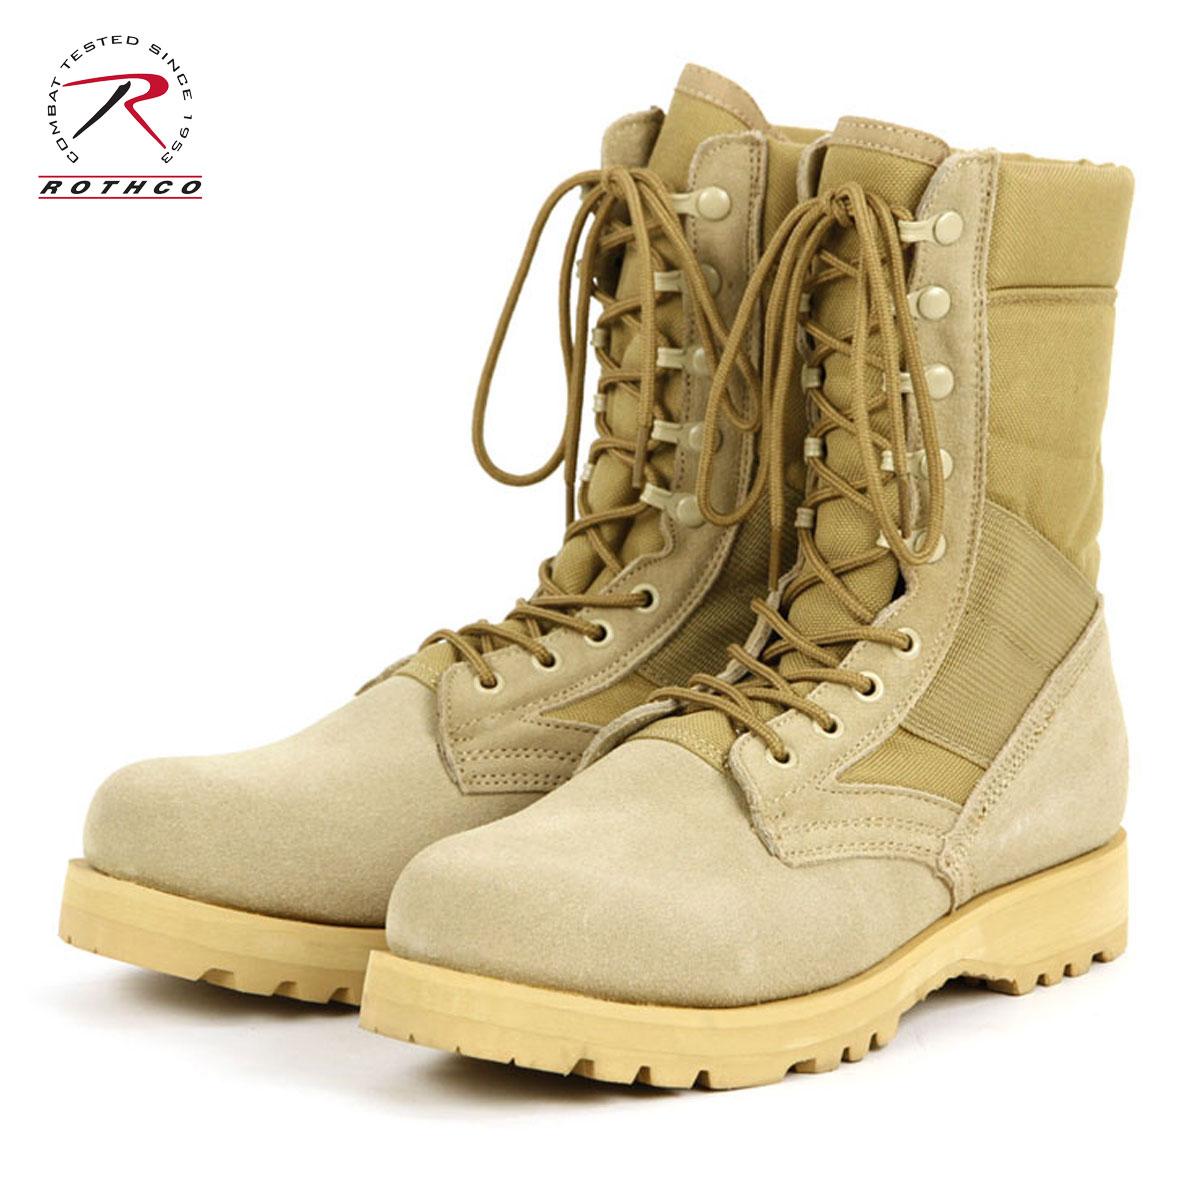 ロスコ ROTHCO 正規品 メンズ ブーツ G.I. Type Sierra Sole Desert Tan Boots 5257 D00S20